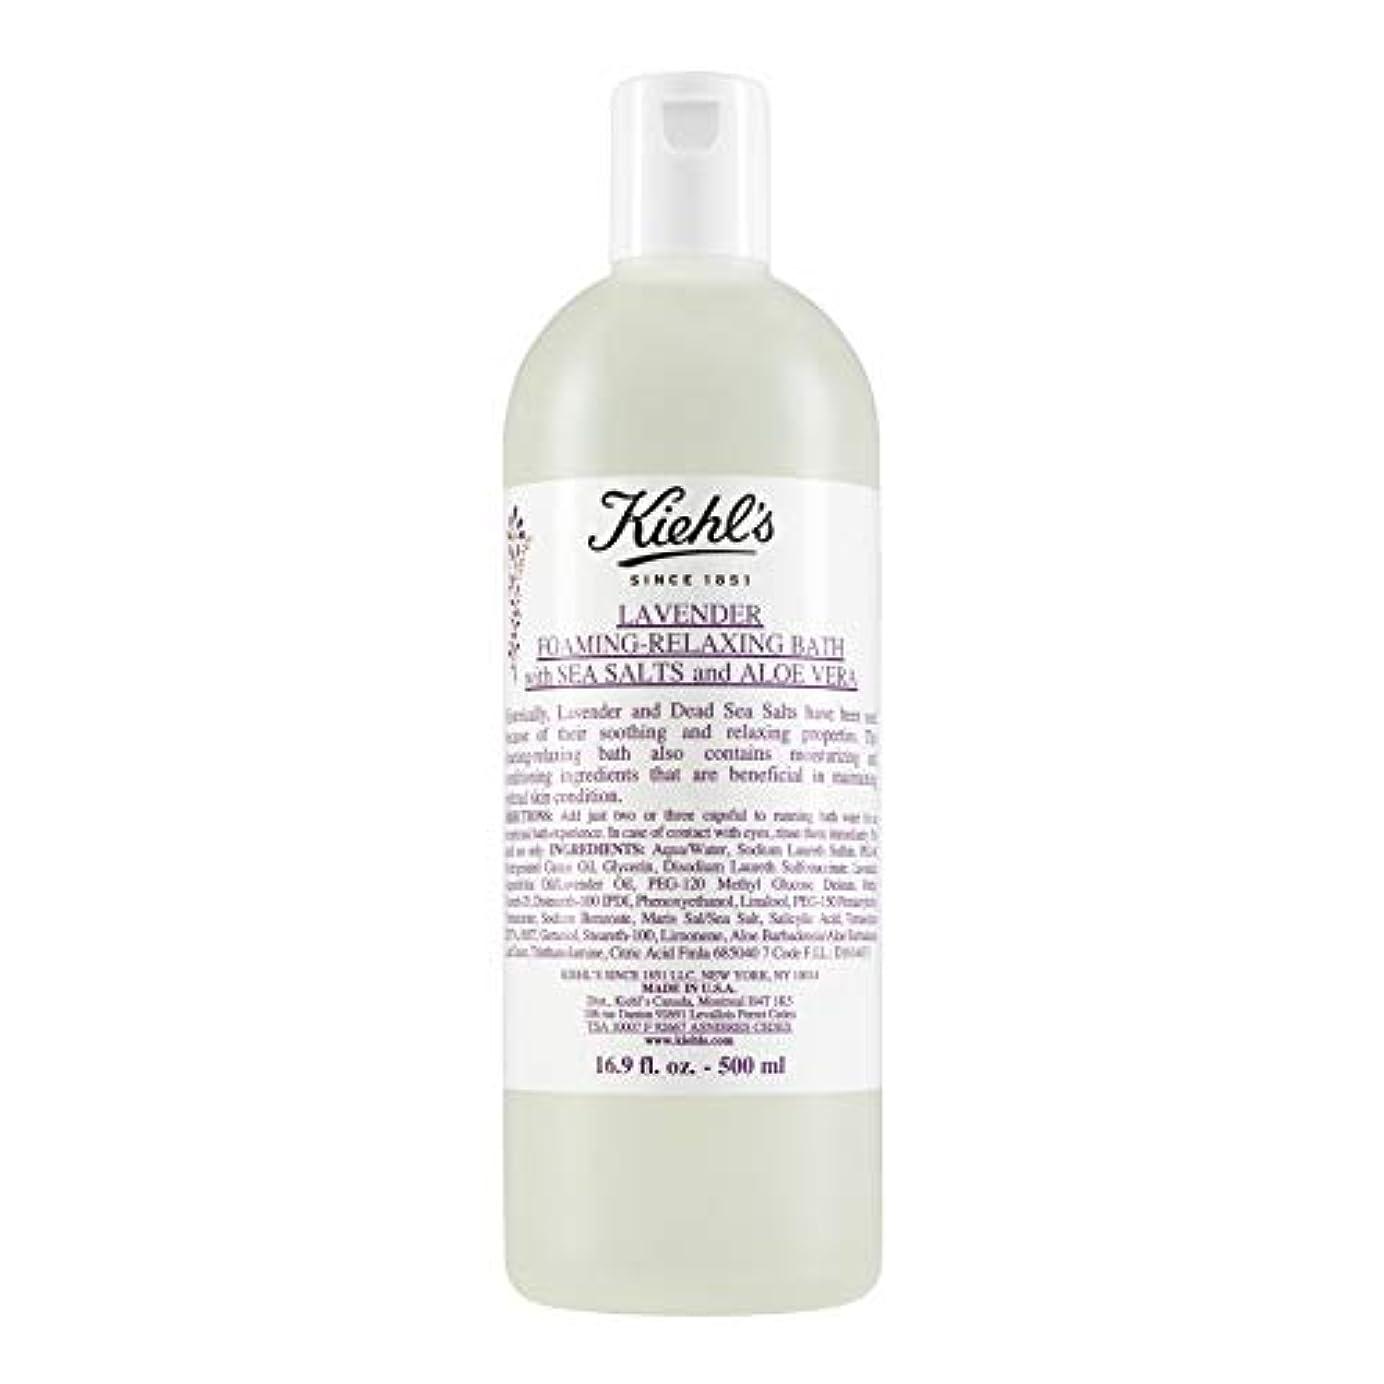 脅威知る床を掃除する[Kiehl's ] 500ミリリットルキールズラベンダー風呂海の塩 - Kiehl's Lavender Bath Sea Salts 500ml [並行輸入品]